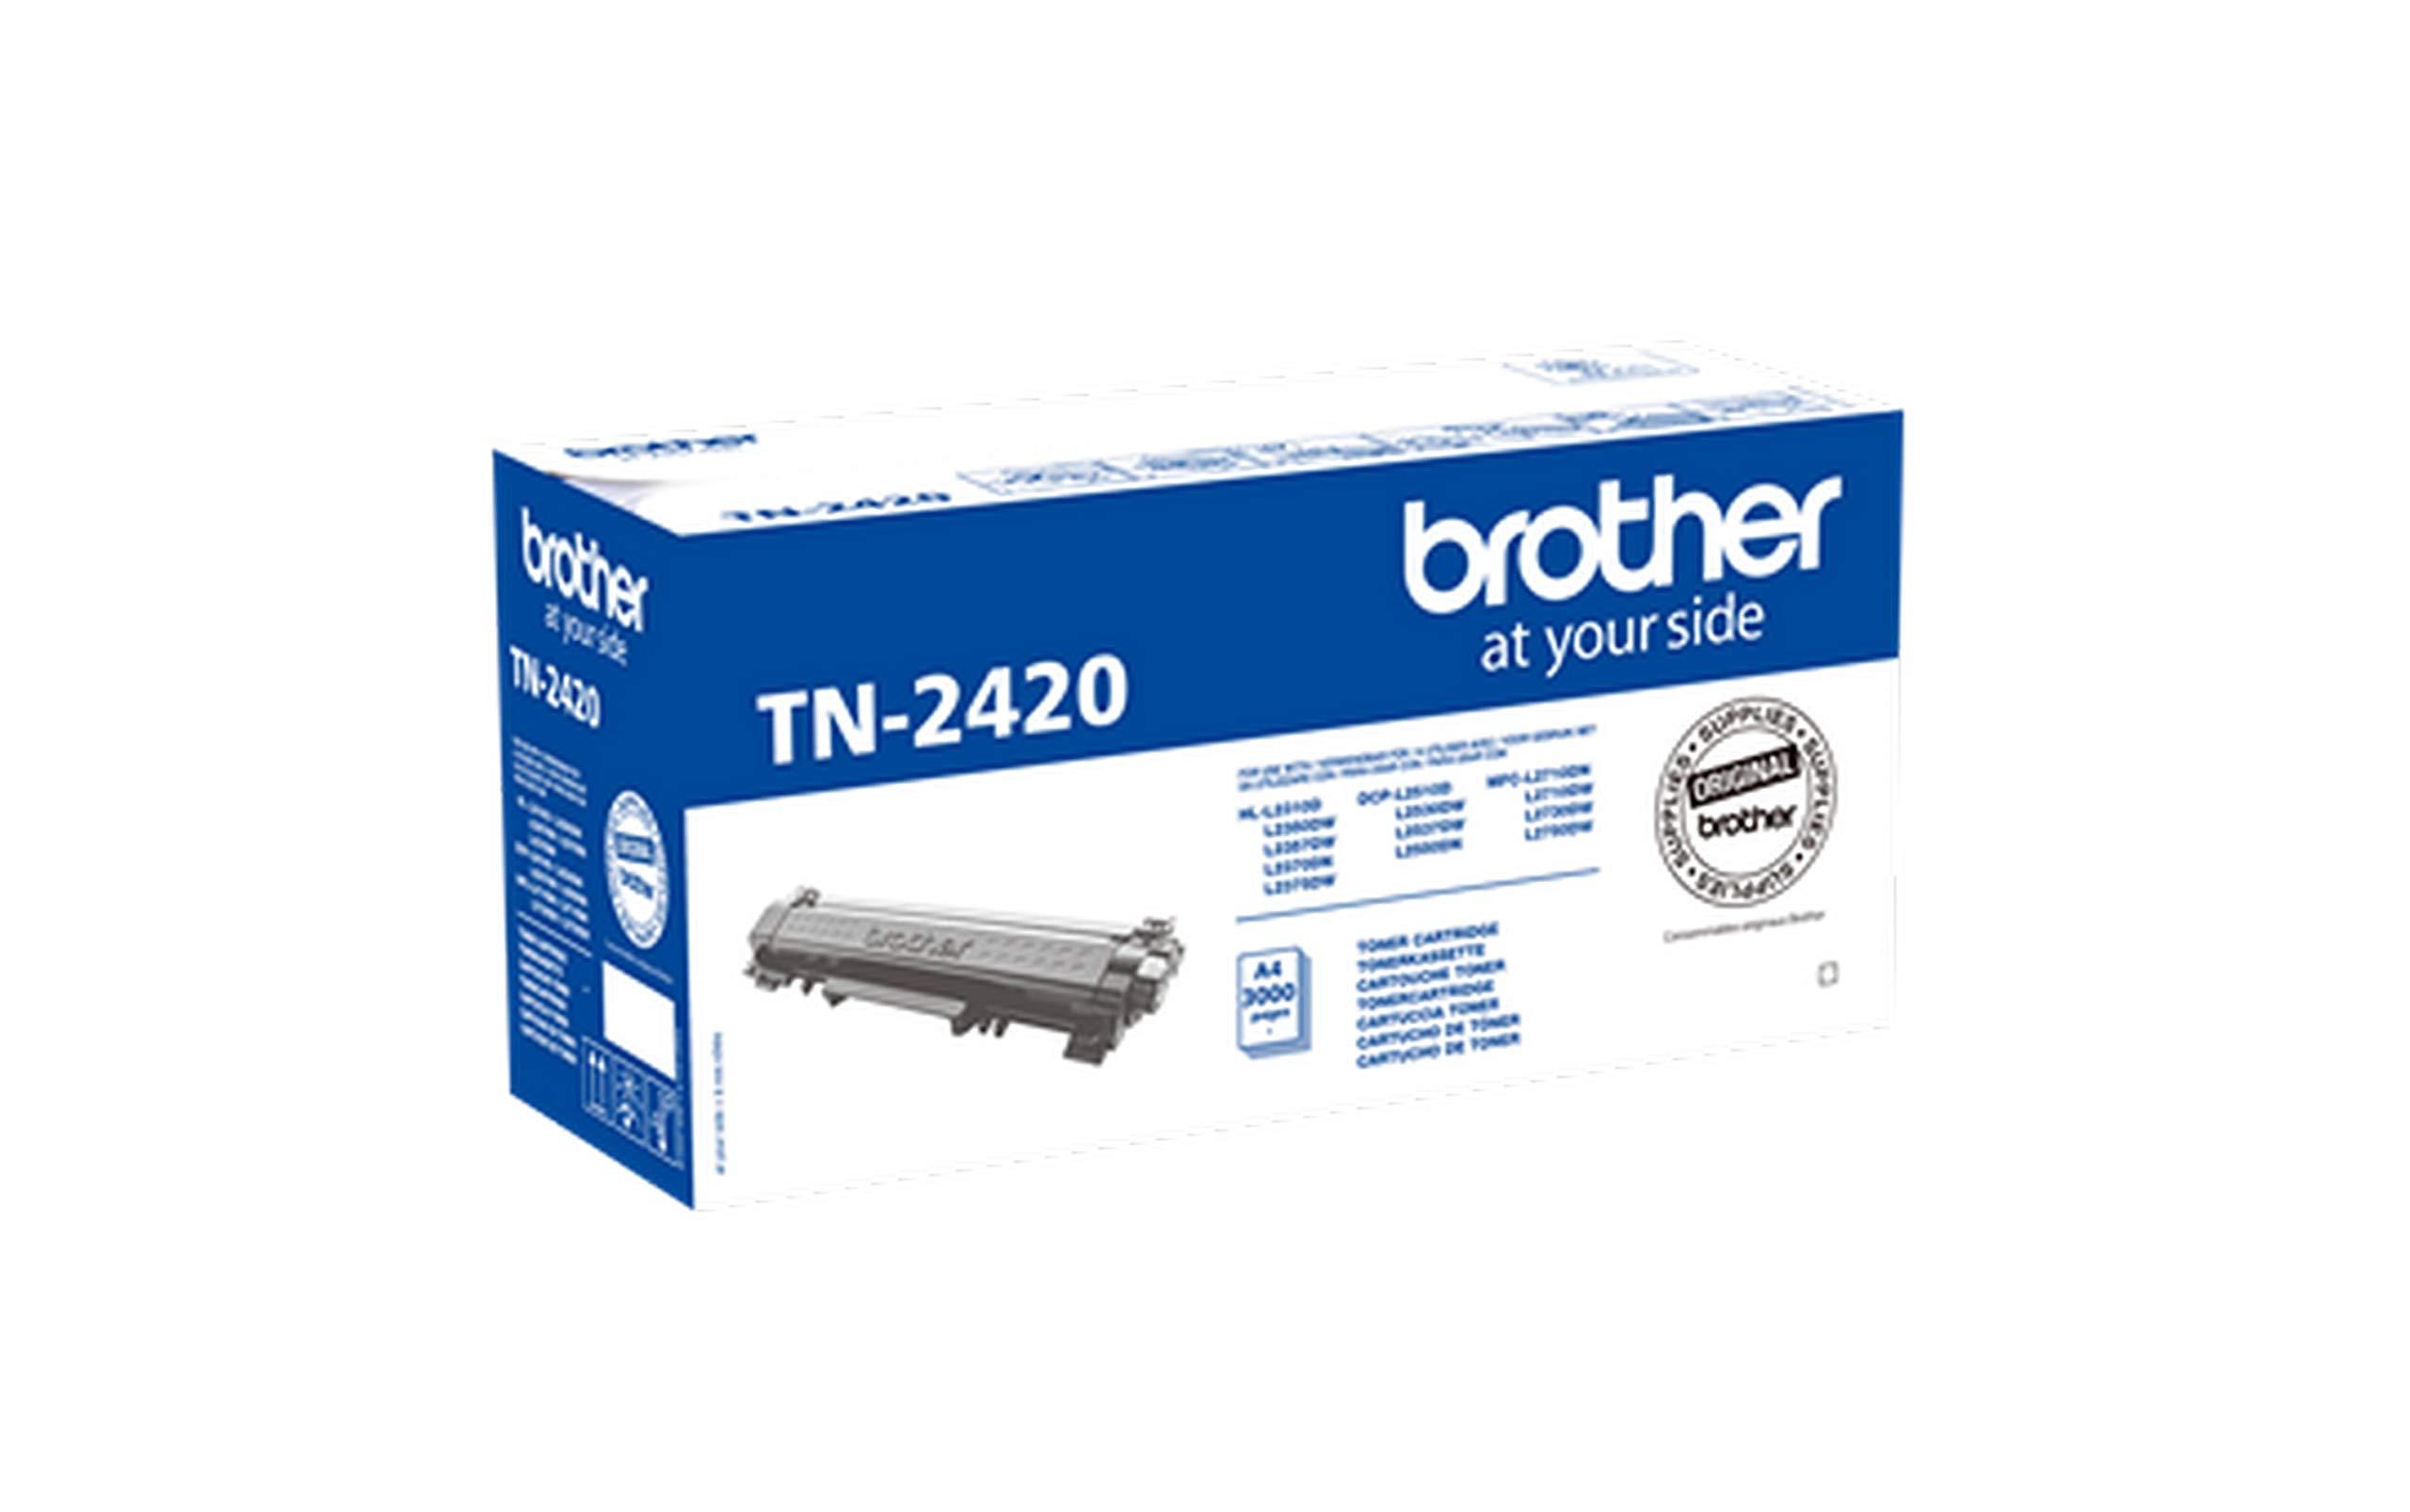 Brother-TN-2420-Tonerkartusche-fr-Brother-HL-L2310D-HL-L2350DW-HL-L2370DN-HL-L2375DW-DCP-L2510D-DCP-L2530DW-DCP-L2550DN-MFC-L2710DN-MFC-L2710DW-MFC-L2730DW-MFC-L2750DW-schwarz